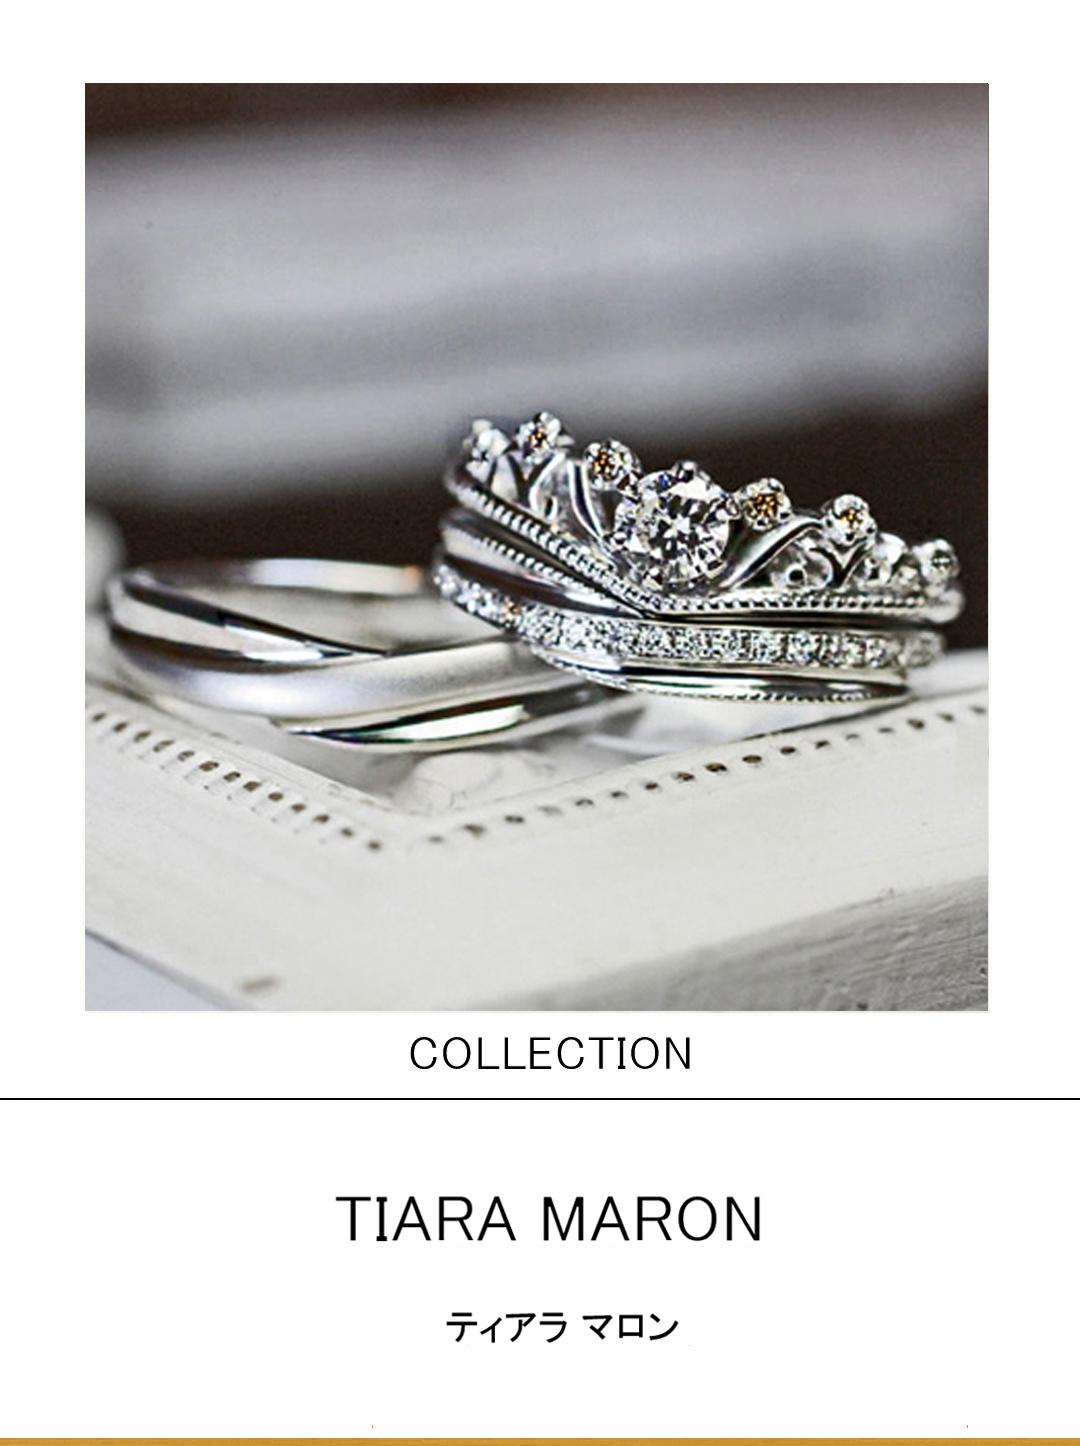 ブラウンダイヤ入りティアラデザインの婚約指輪と結婚指輪のセットのサムネイル